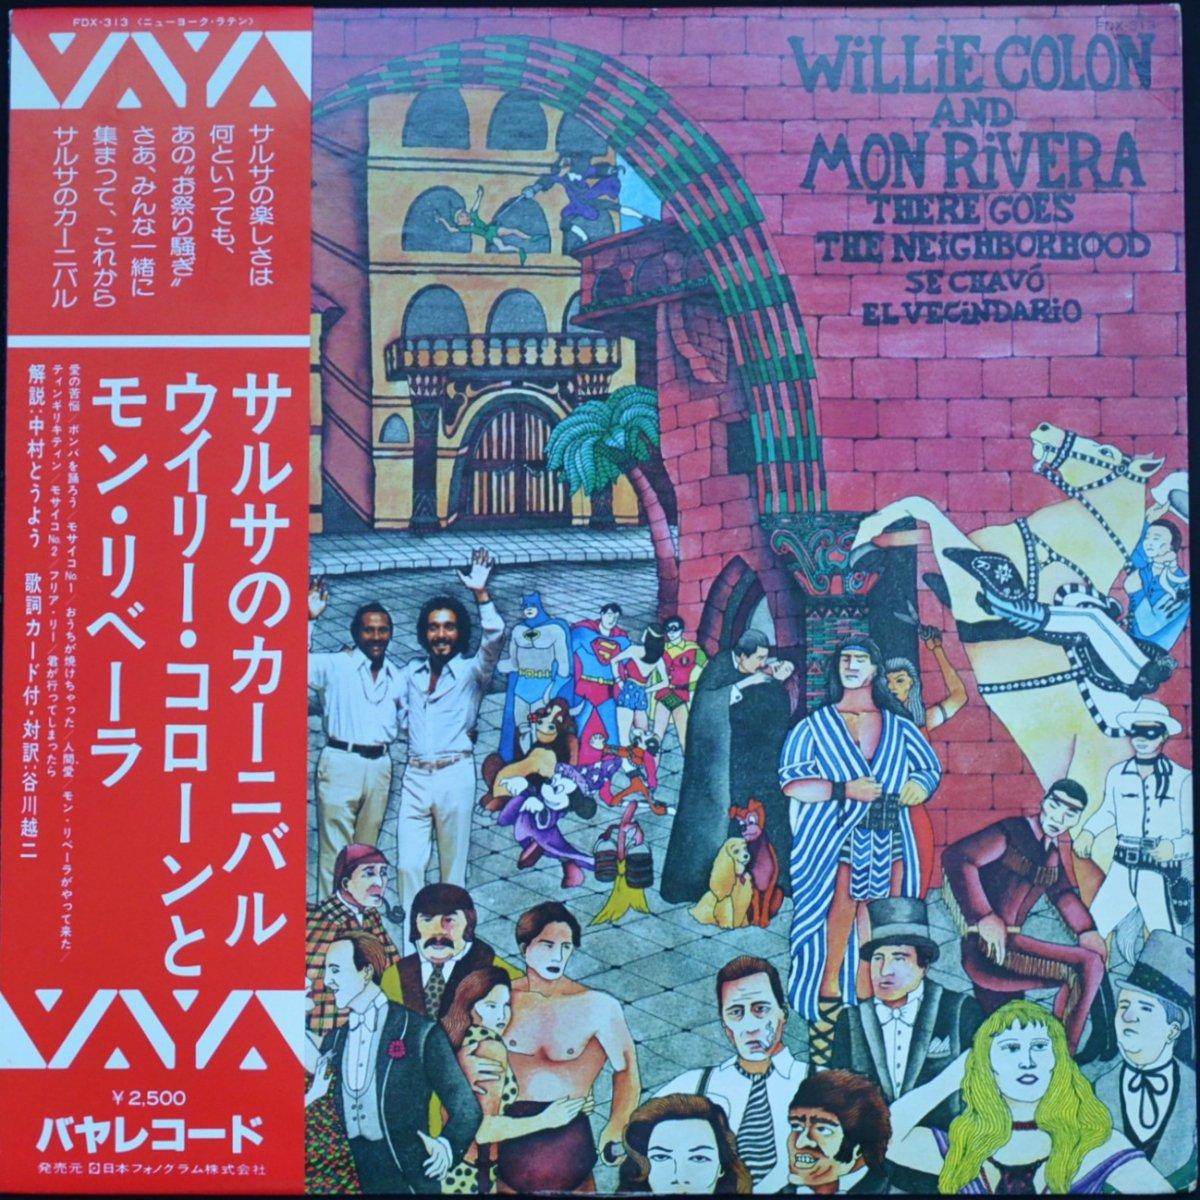 ウイリー・コローンとモン・リベーラ WILLIE COLON AND MON RIVERA / サルサのカーニバル THERE GOES THE NEIGHBORHOOD (LP)